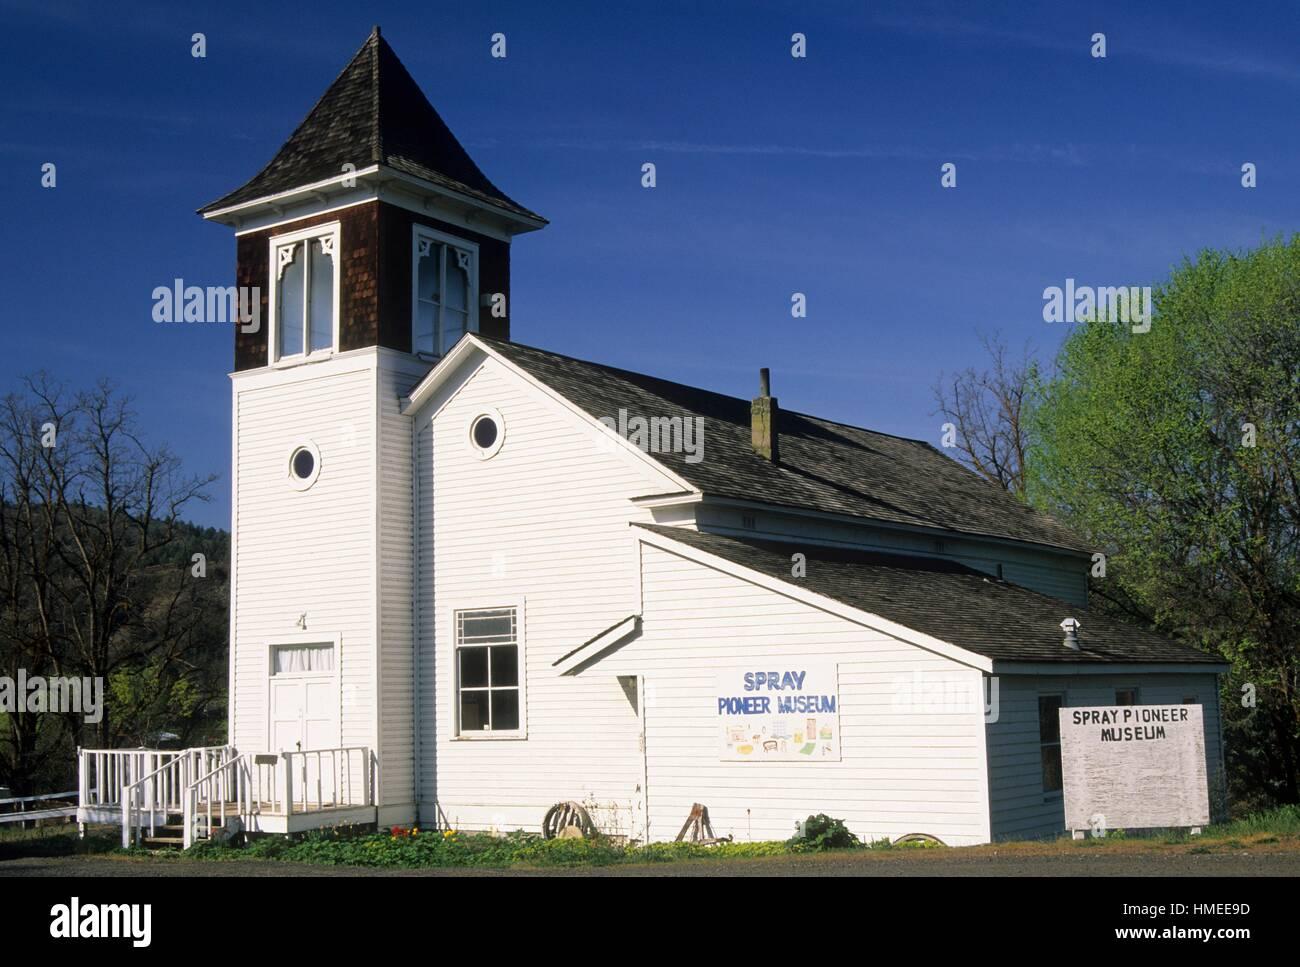 Spray Pioneer Museum, Viaje a través del tiempo National Scenic desviación, Wheeler County, Oregon. Imagen De Stock